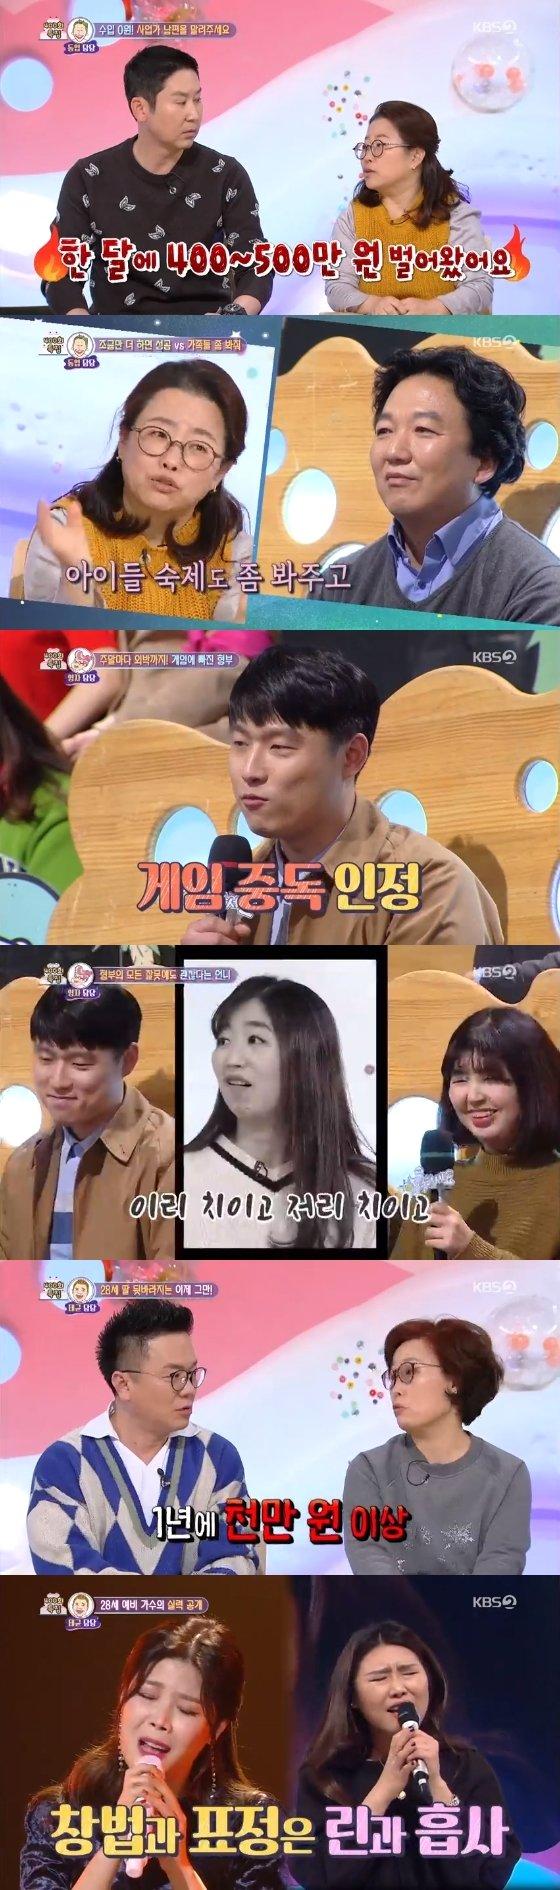 /사진=KBS2 \'대국민 토크쇼 안녕하세요\' 방송화면 캡처